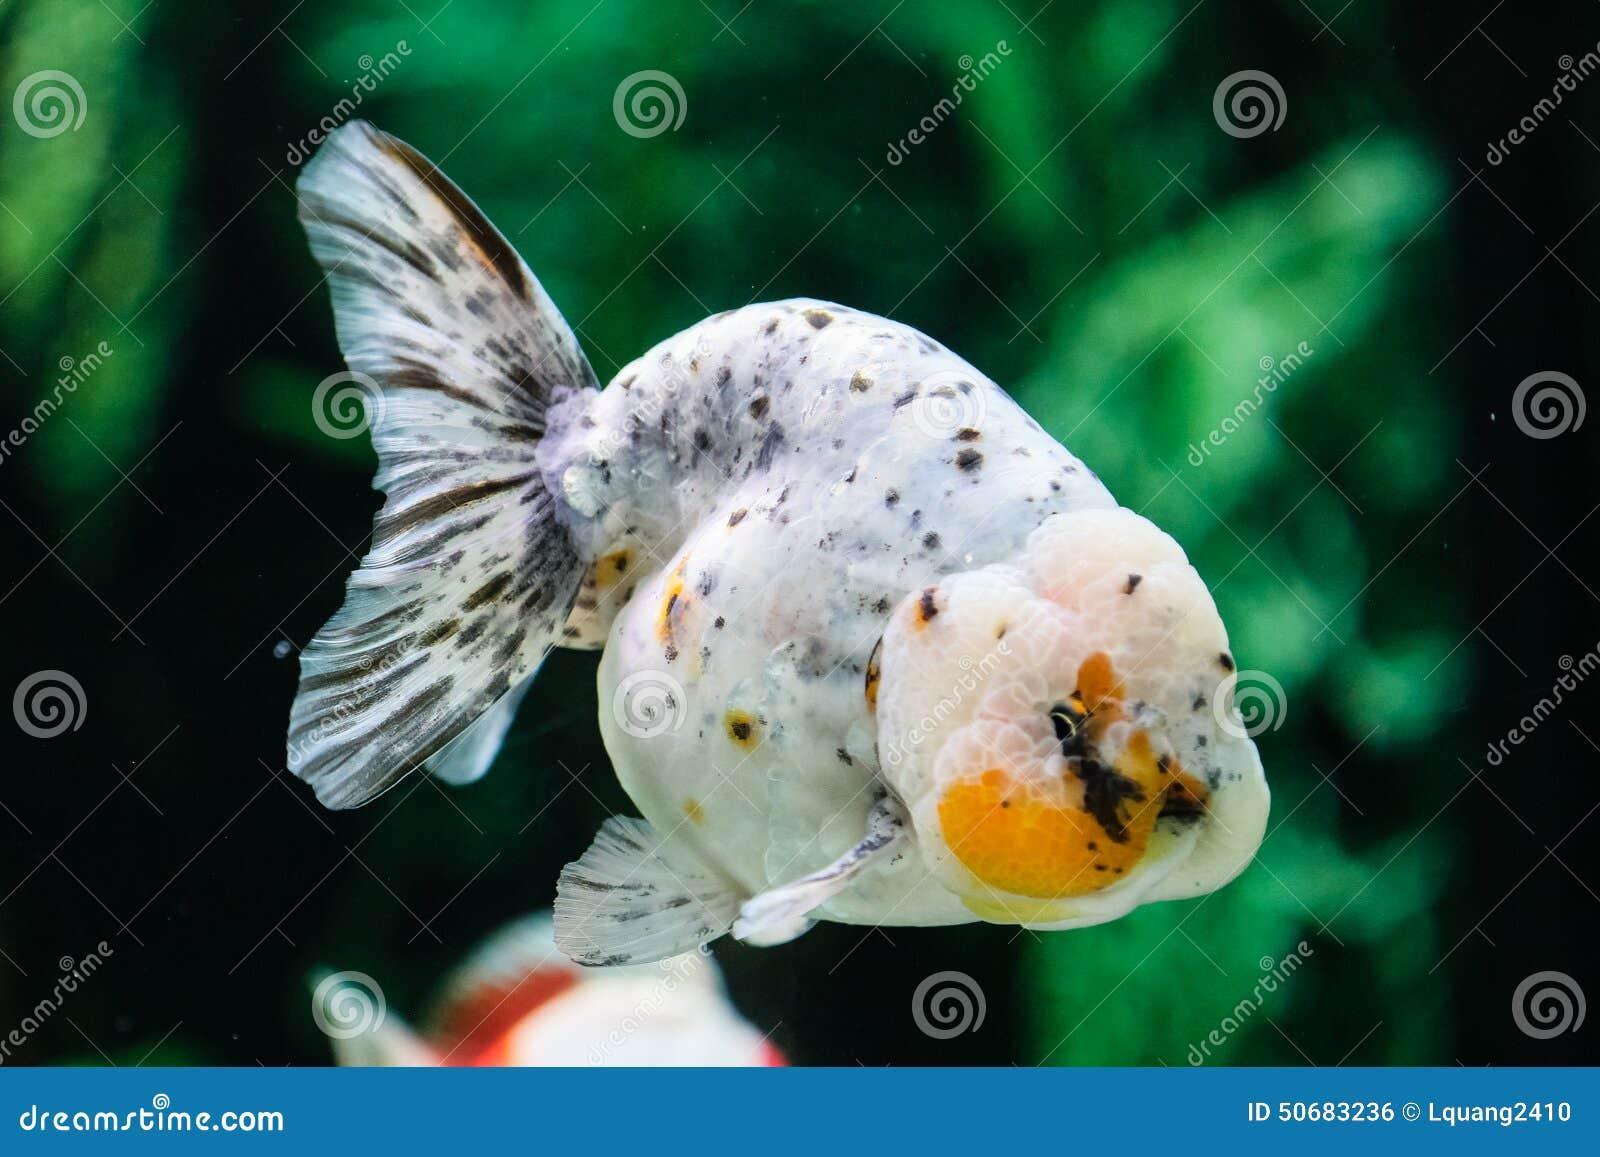 Download 关闭在水族馆的金鱼 库存照片. 图片 包括有 红色, 液体, 颜色, 关闭, 行动, 移动, 水生, 金子 - 50683236